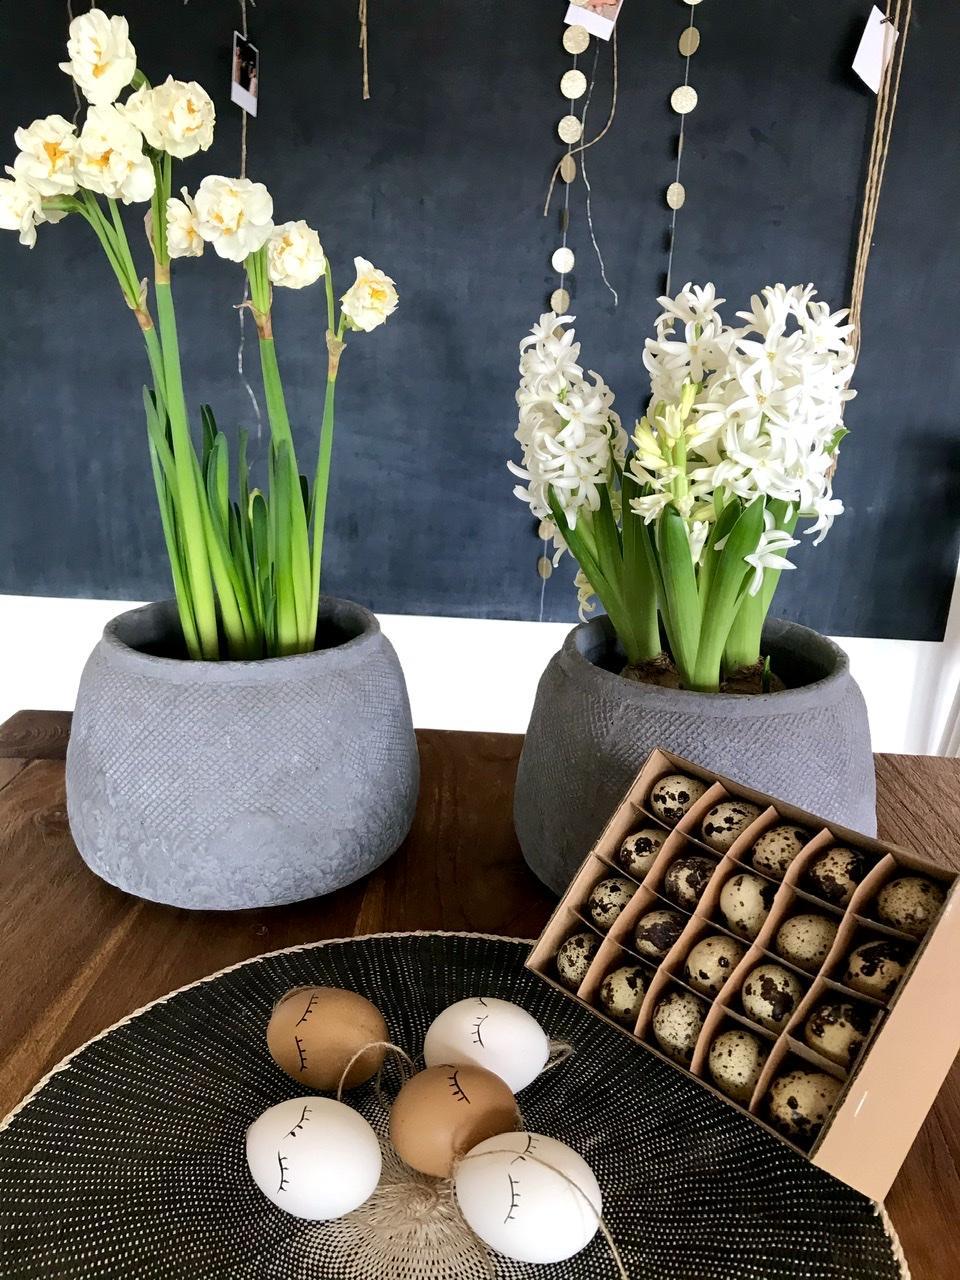 Naše L-ko - 2021 - stále dokončujeme - Biele narcisy a hyacinty v betonových kvetináčoch. Tento rok som prikúpila na dekorovanie 60 prepeličích vajíčok. Prajem krásnú nedeľu